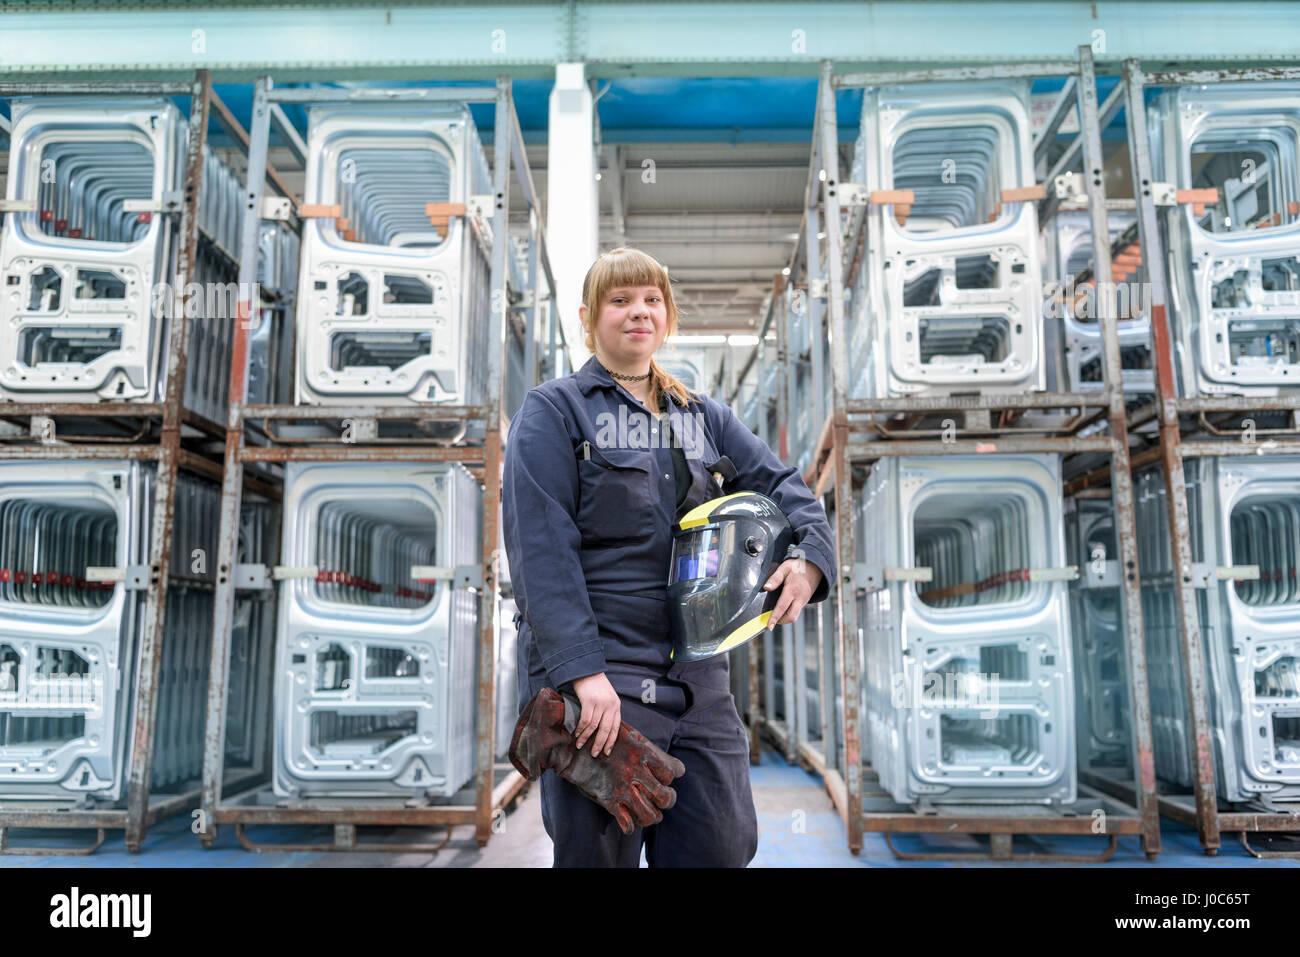 Weiblichen Lehrling Schweißer mit Ausrüstung in Autofabrik, Porträt Stockbild